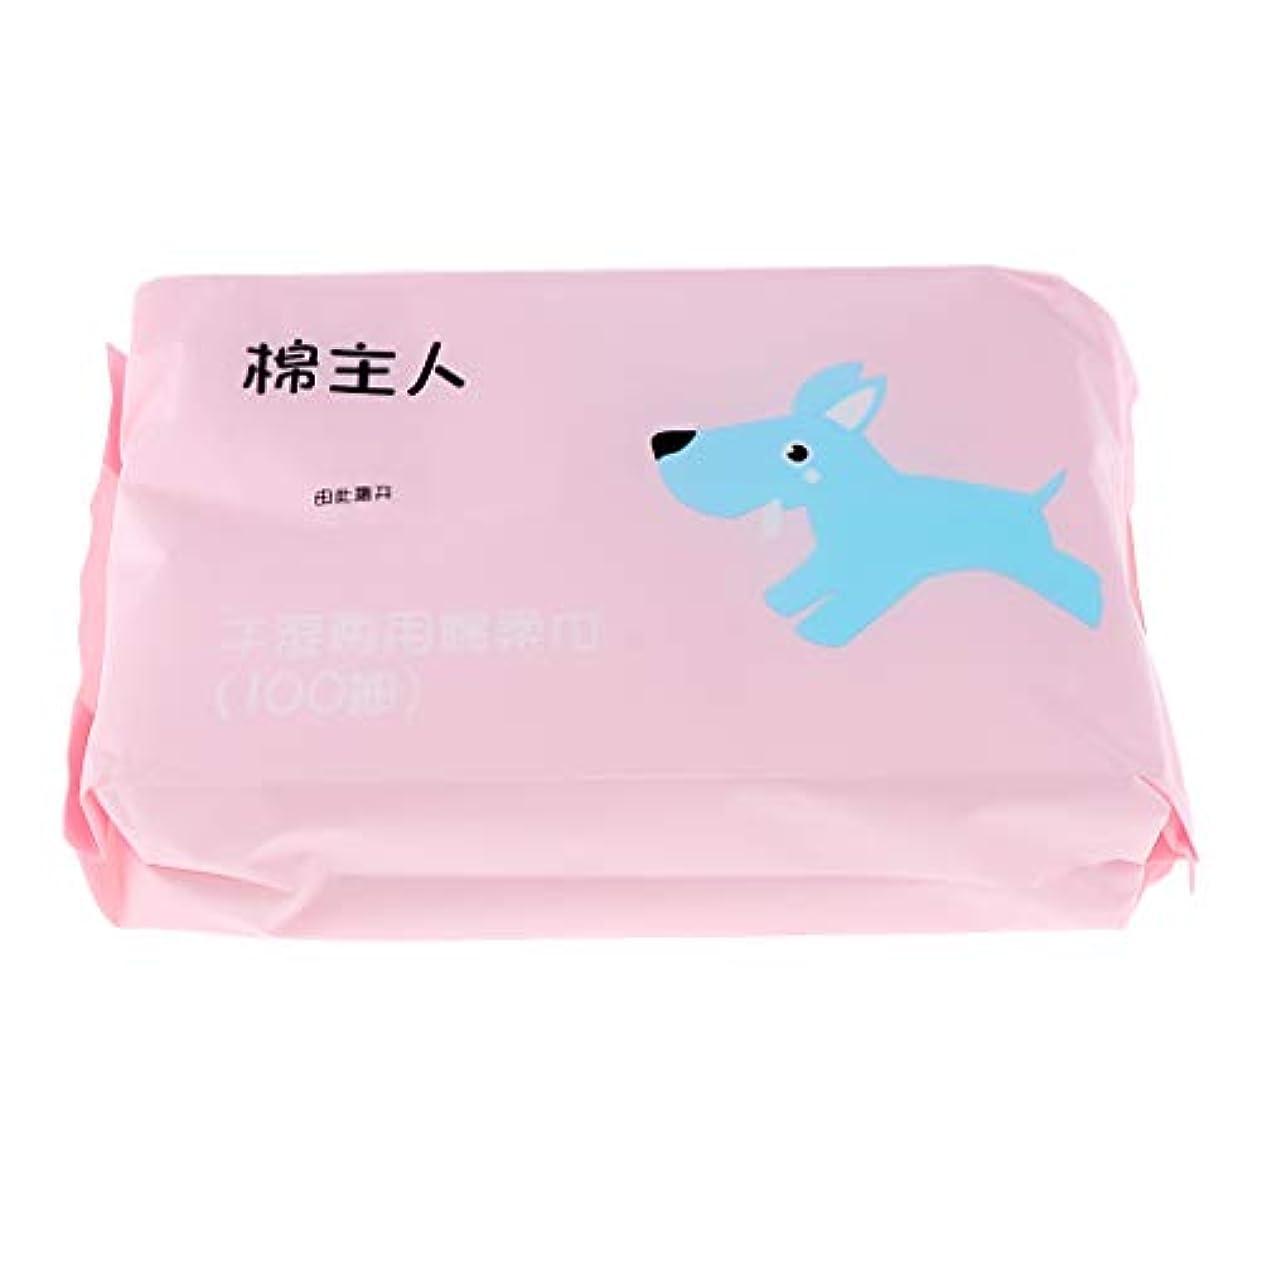 警察論争ピラミッドクレンジングシート メイク落とし 軽量 便利 敏感肌用 非刺激 不織布 フェイスタオル 約100枚 - ピンク